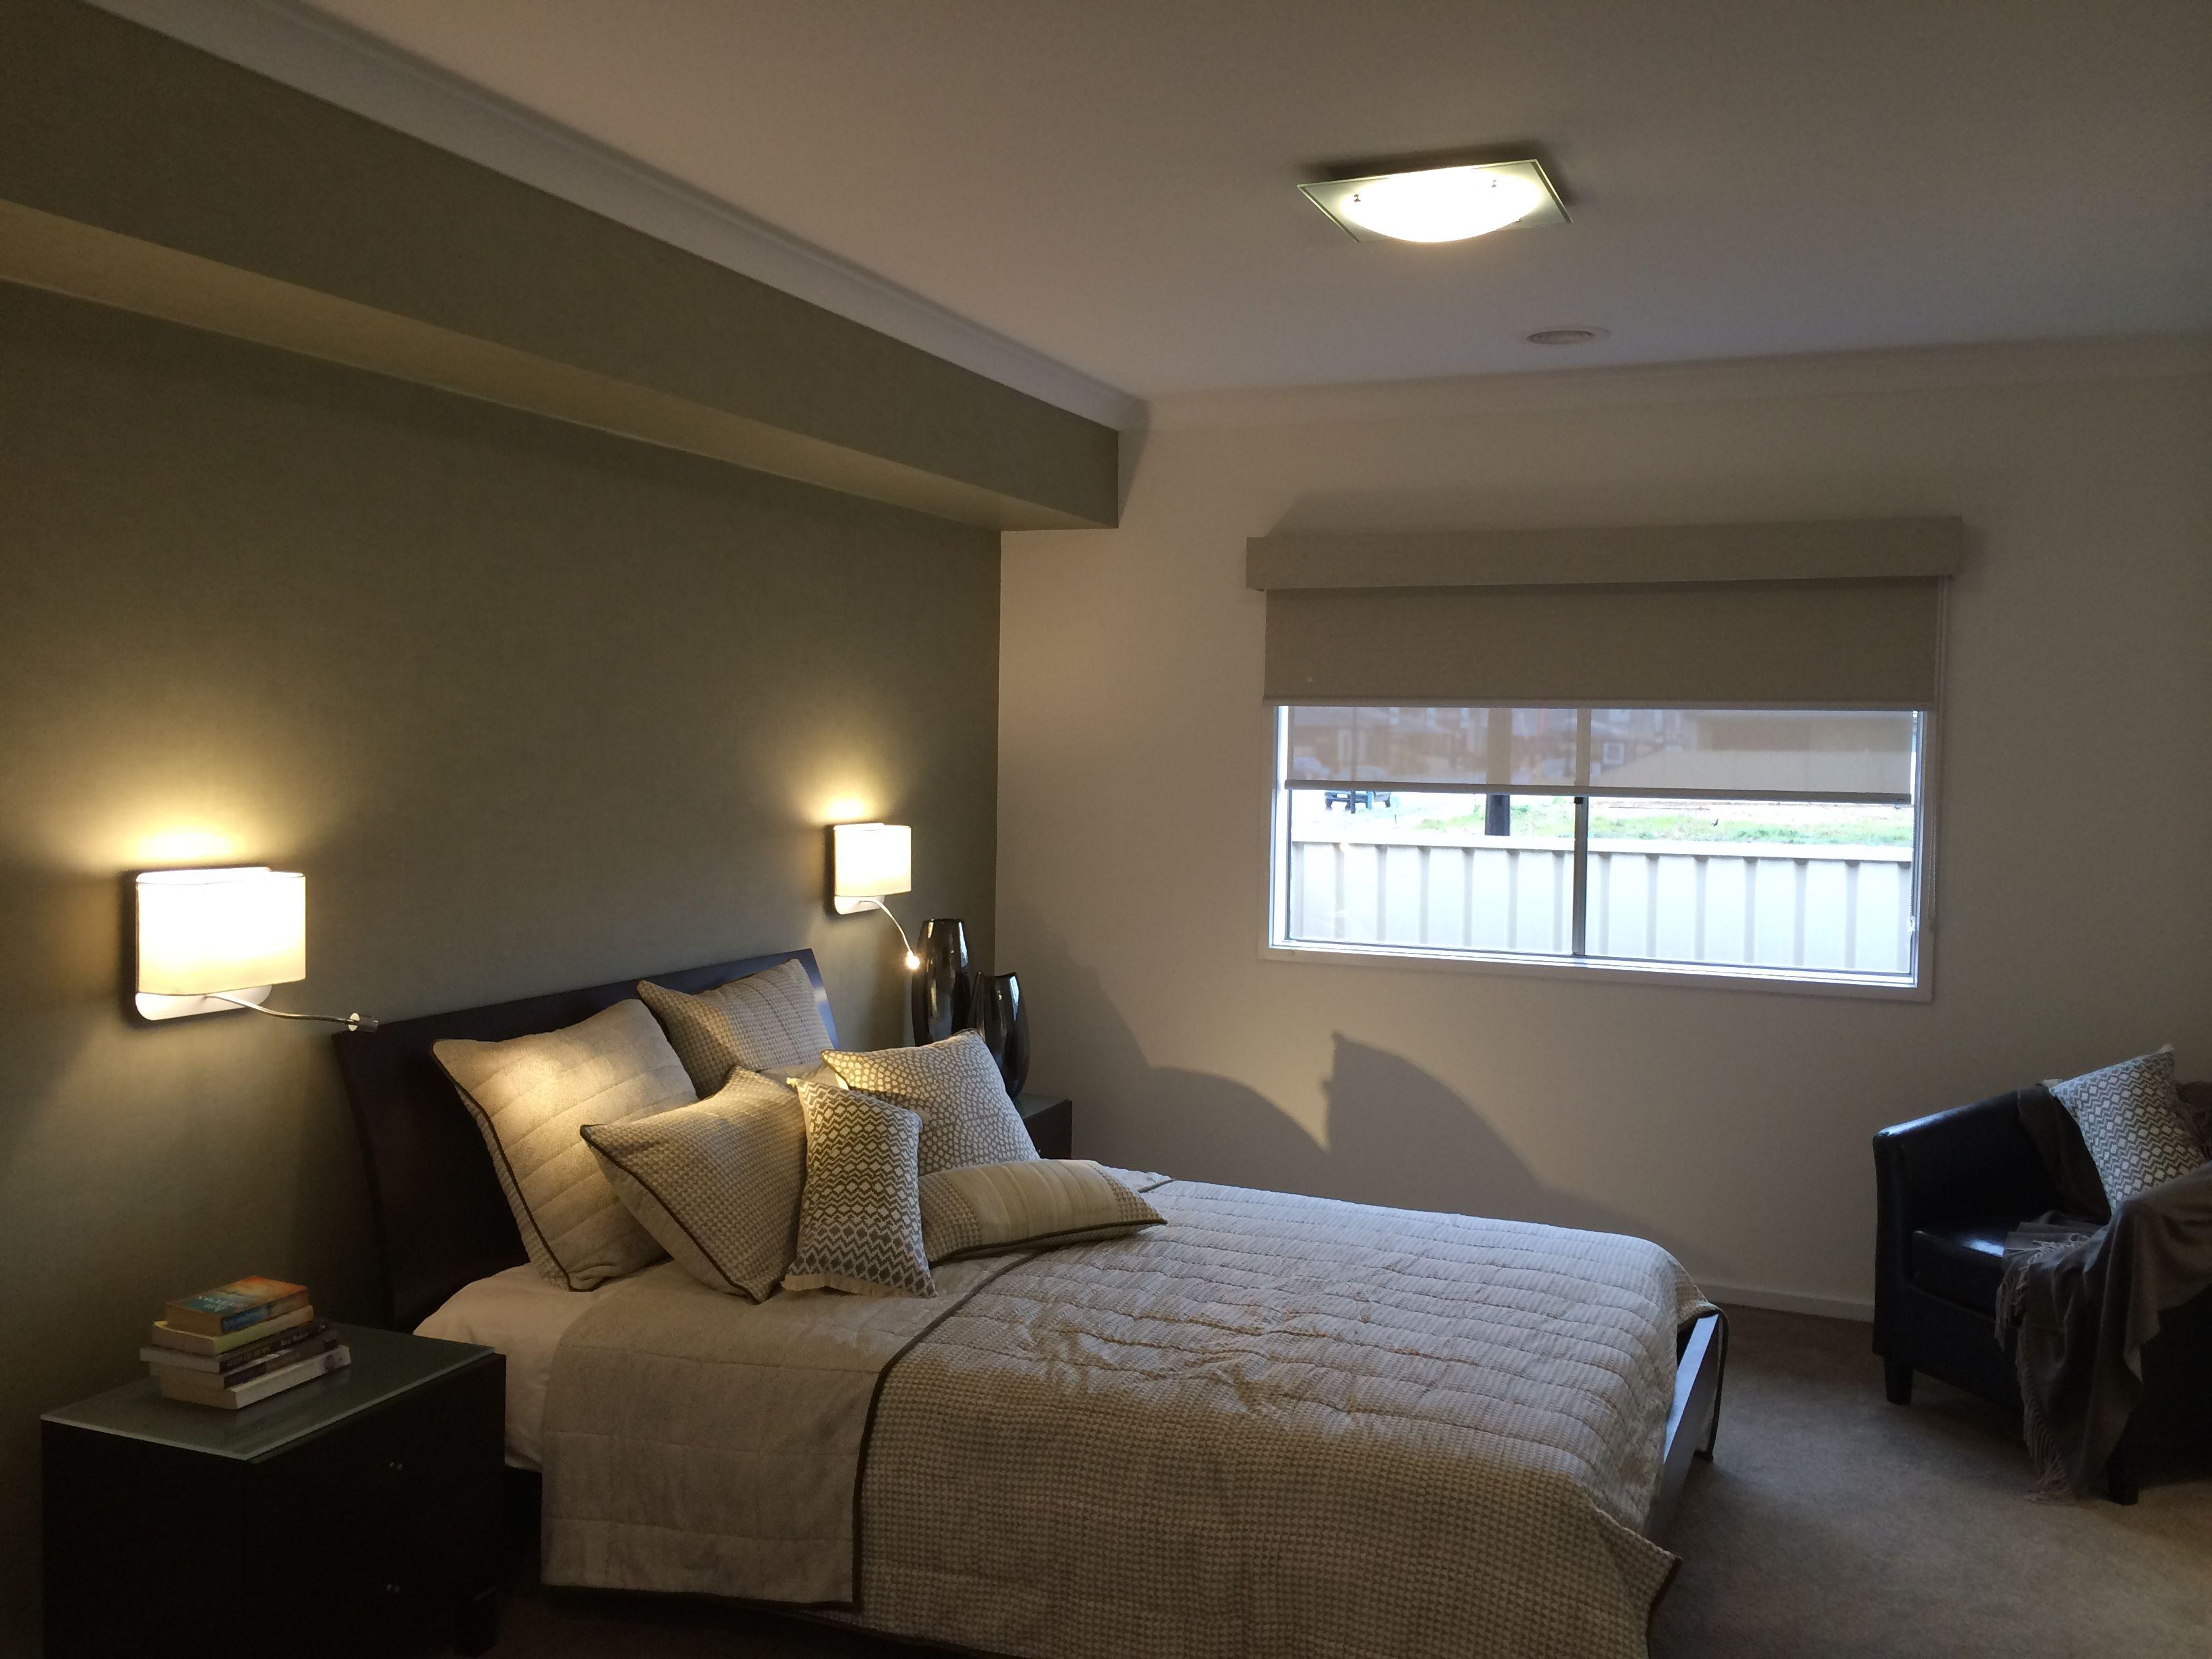 Schlafzimmer Renovieren ~ Budget küche renovieren schlafzimmer schlafzimmer